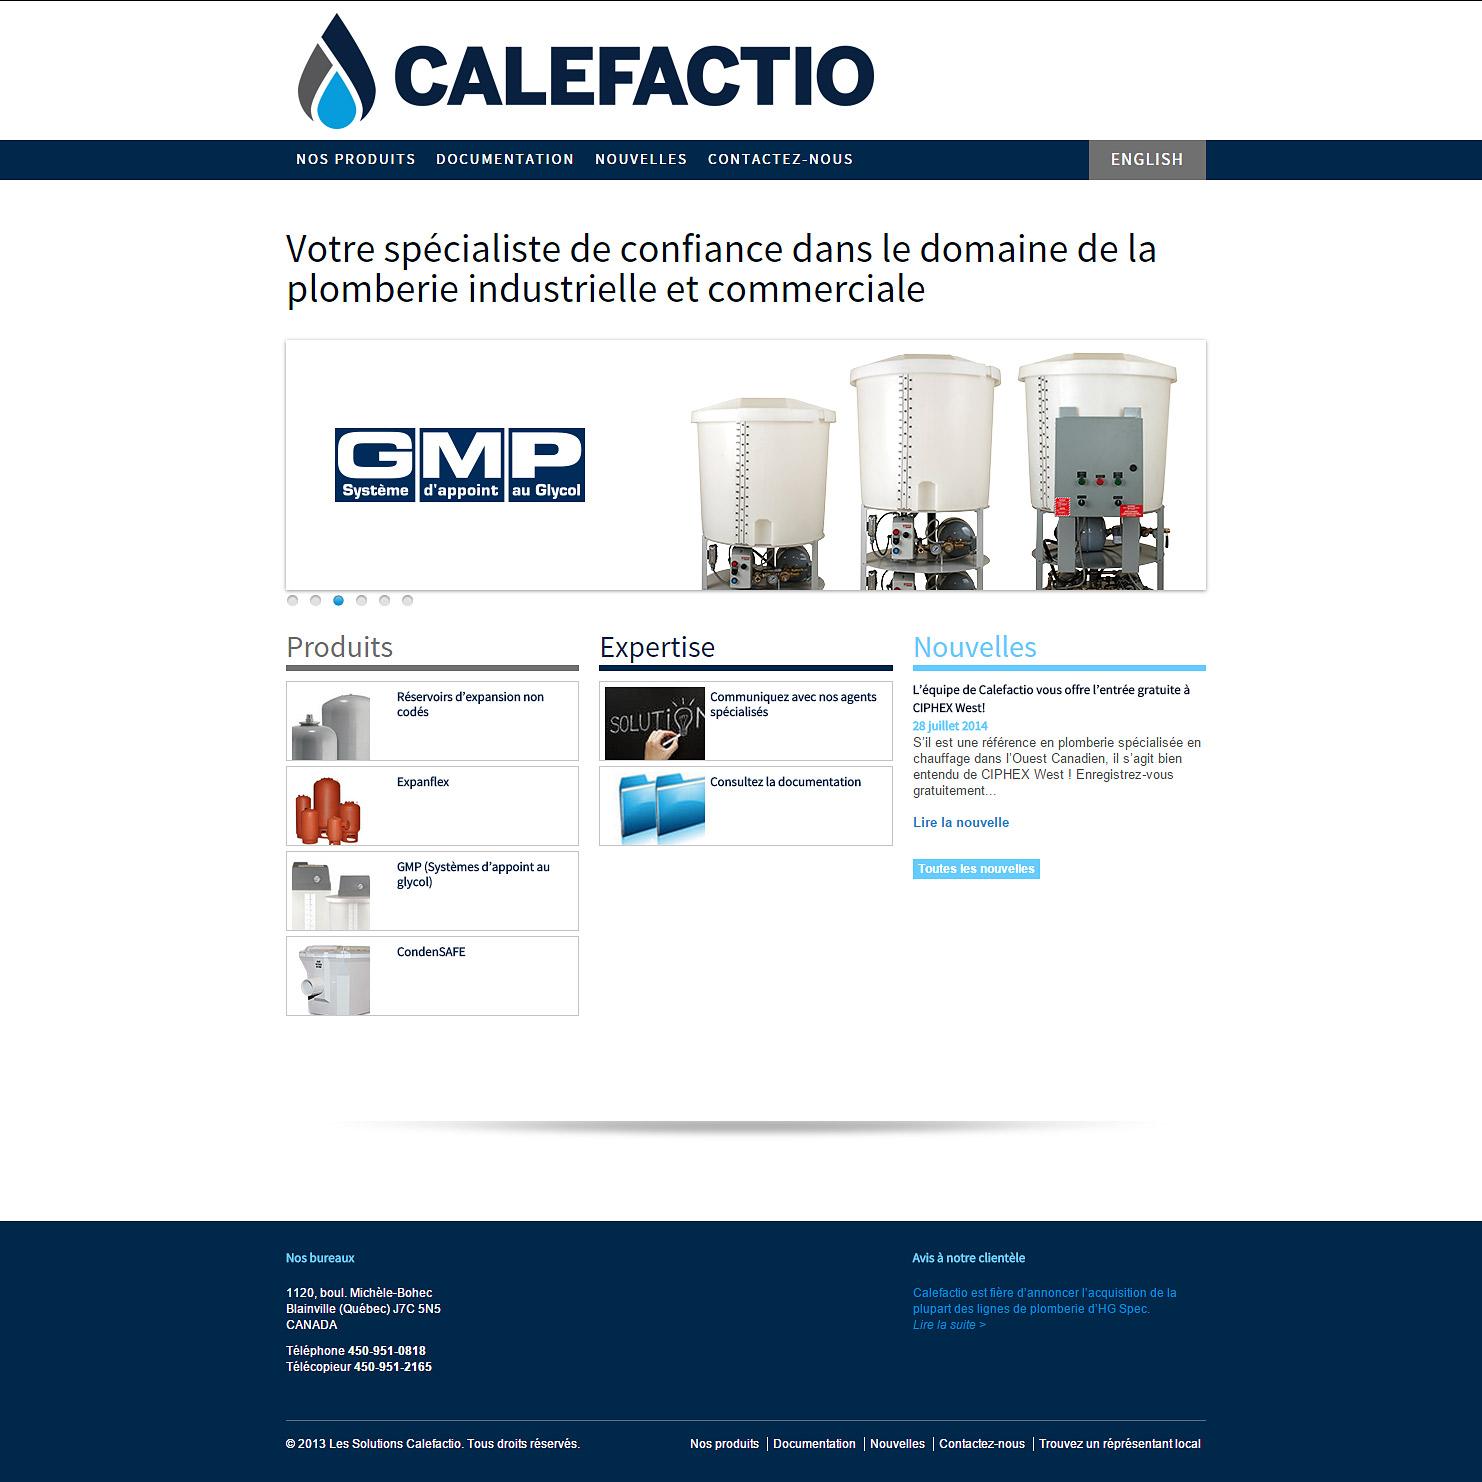 Site web de Calefactio, transféré de Drupal vers Expression Engine